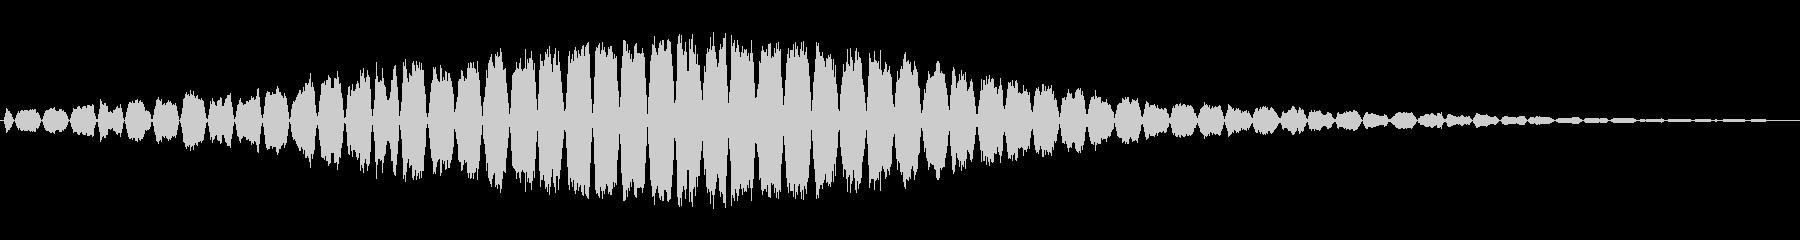 高音で機械的な通過音の未再生の波形